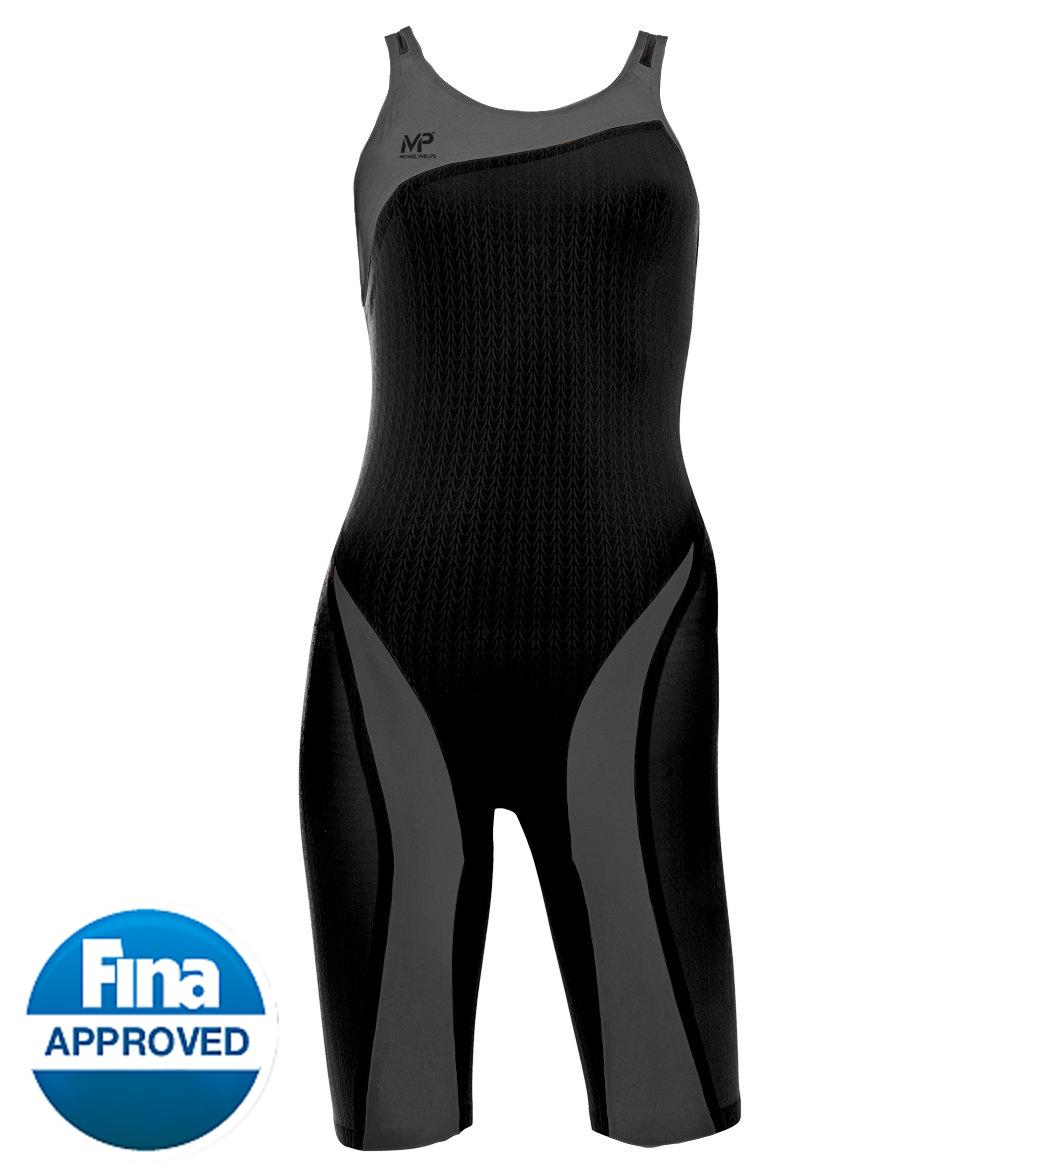 abc3004a0d5 MP Michael Phelps Xpresso Kneeskin Tech Suit at SwimOutlet.com ...